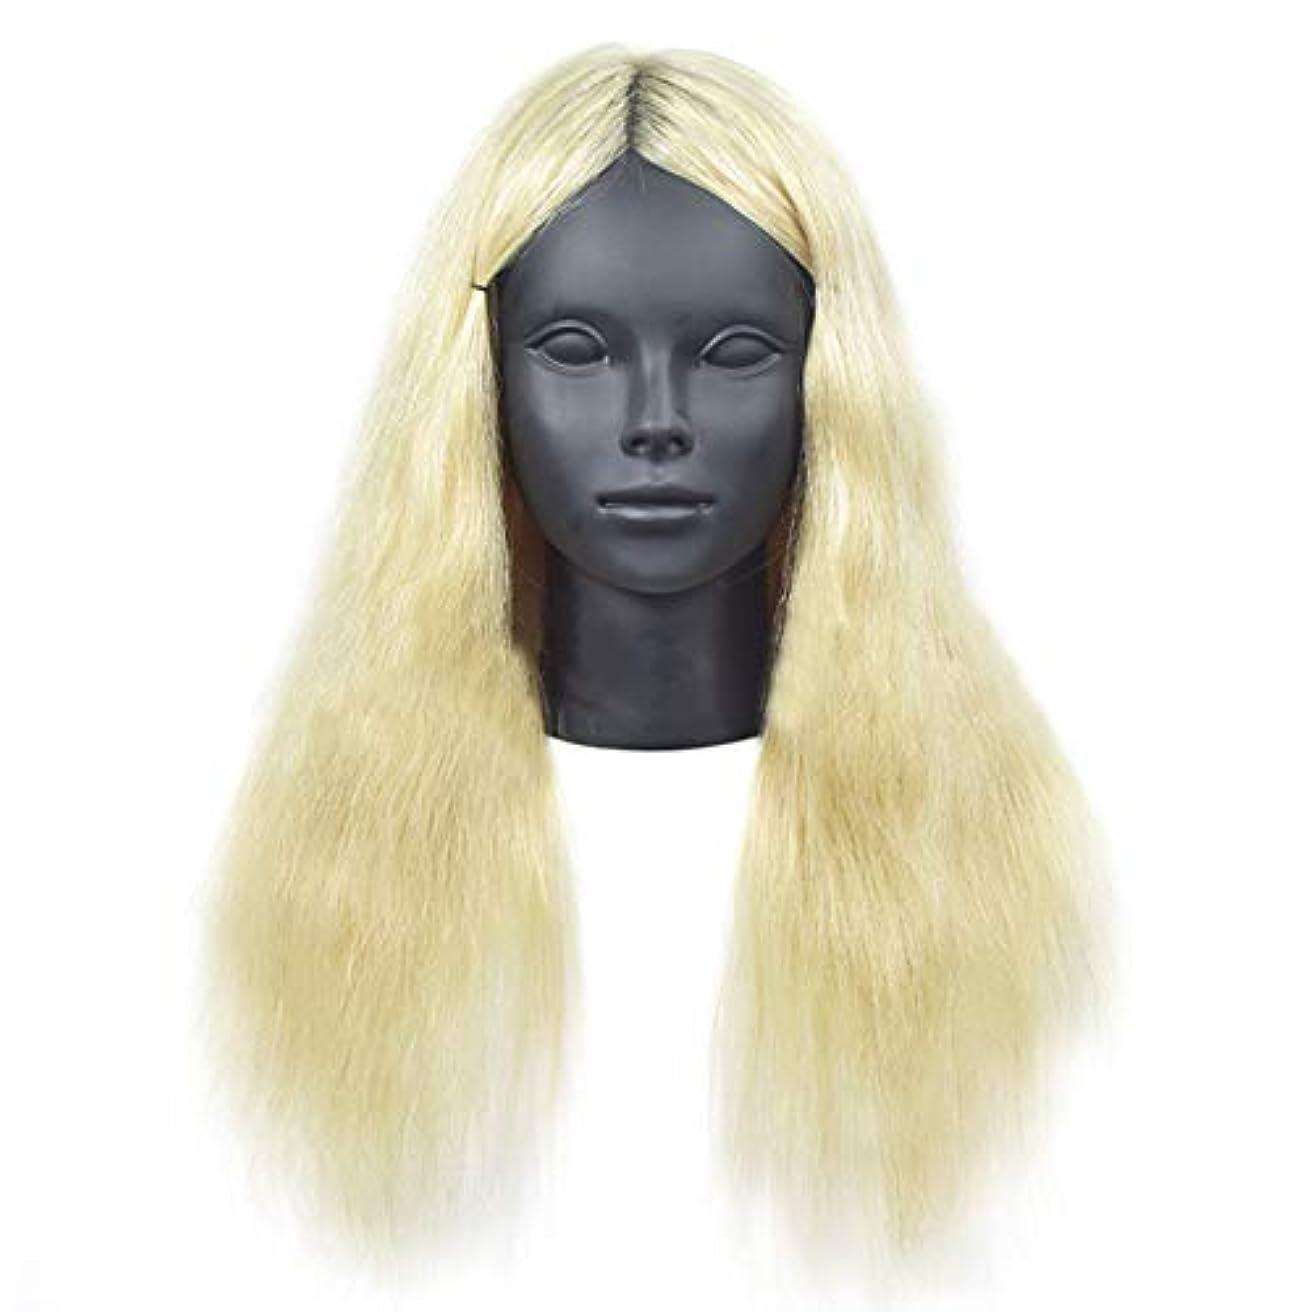 母音ポット叫び声リアル人間の髪教育ヘッドパーマ髪織り髪モデル髪染め理髪ダミーヘッド学校教育ヘッドモデル